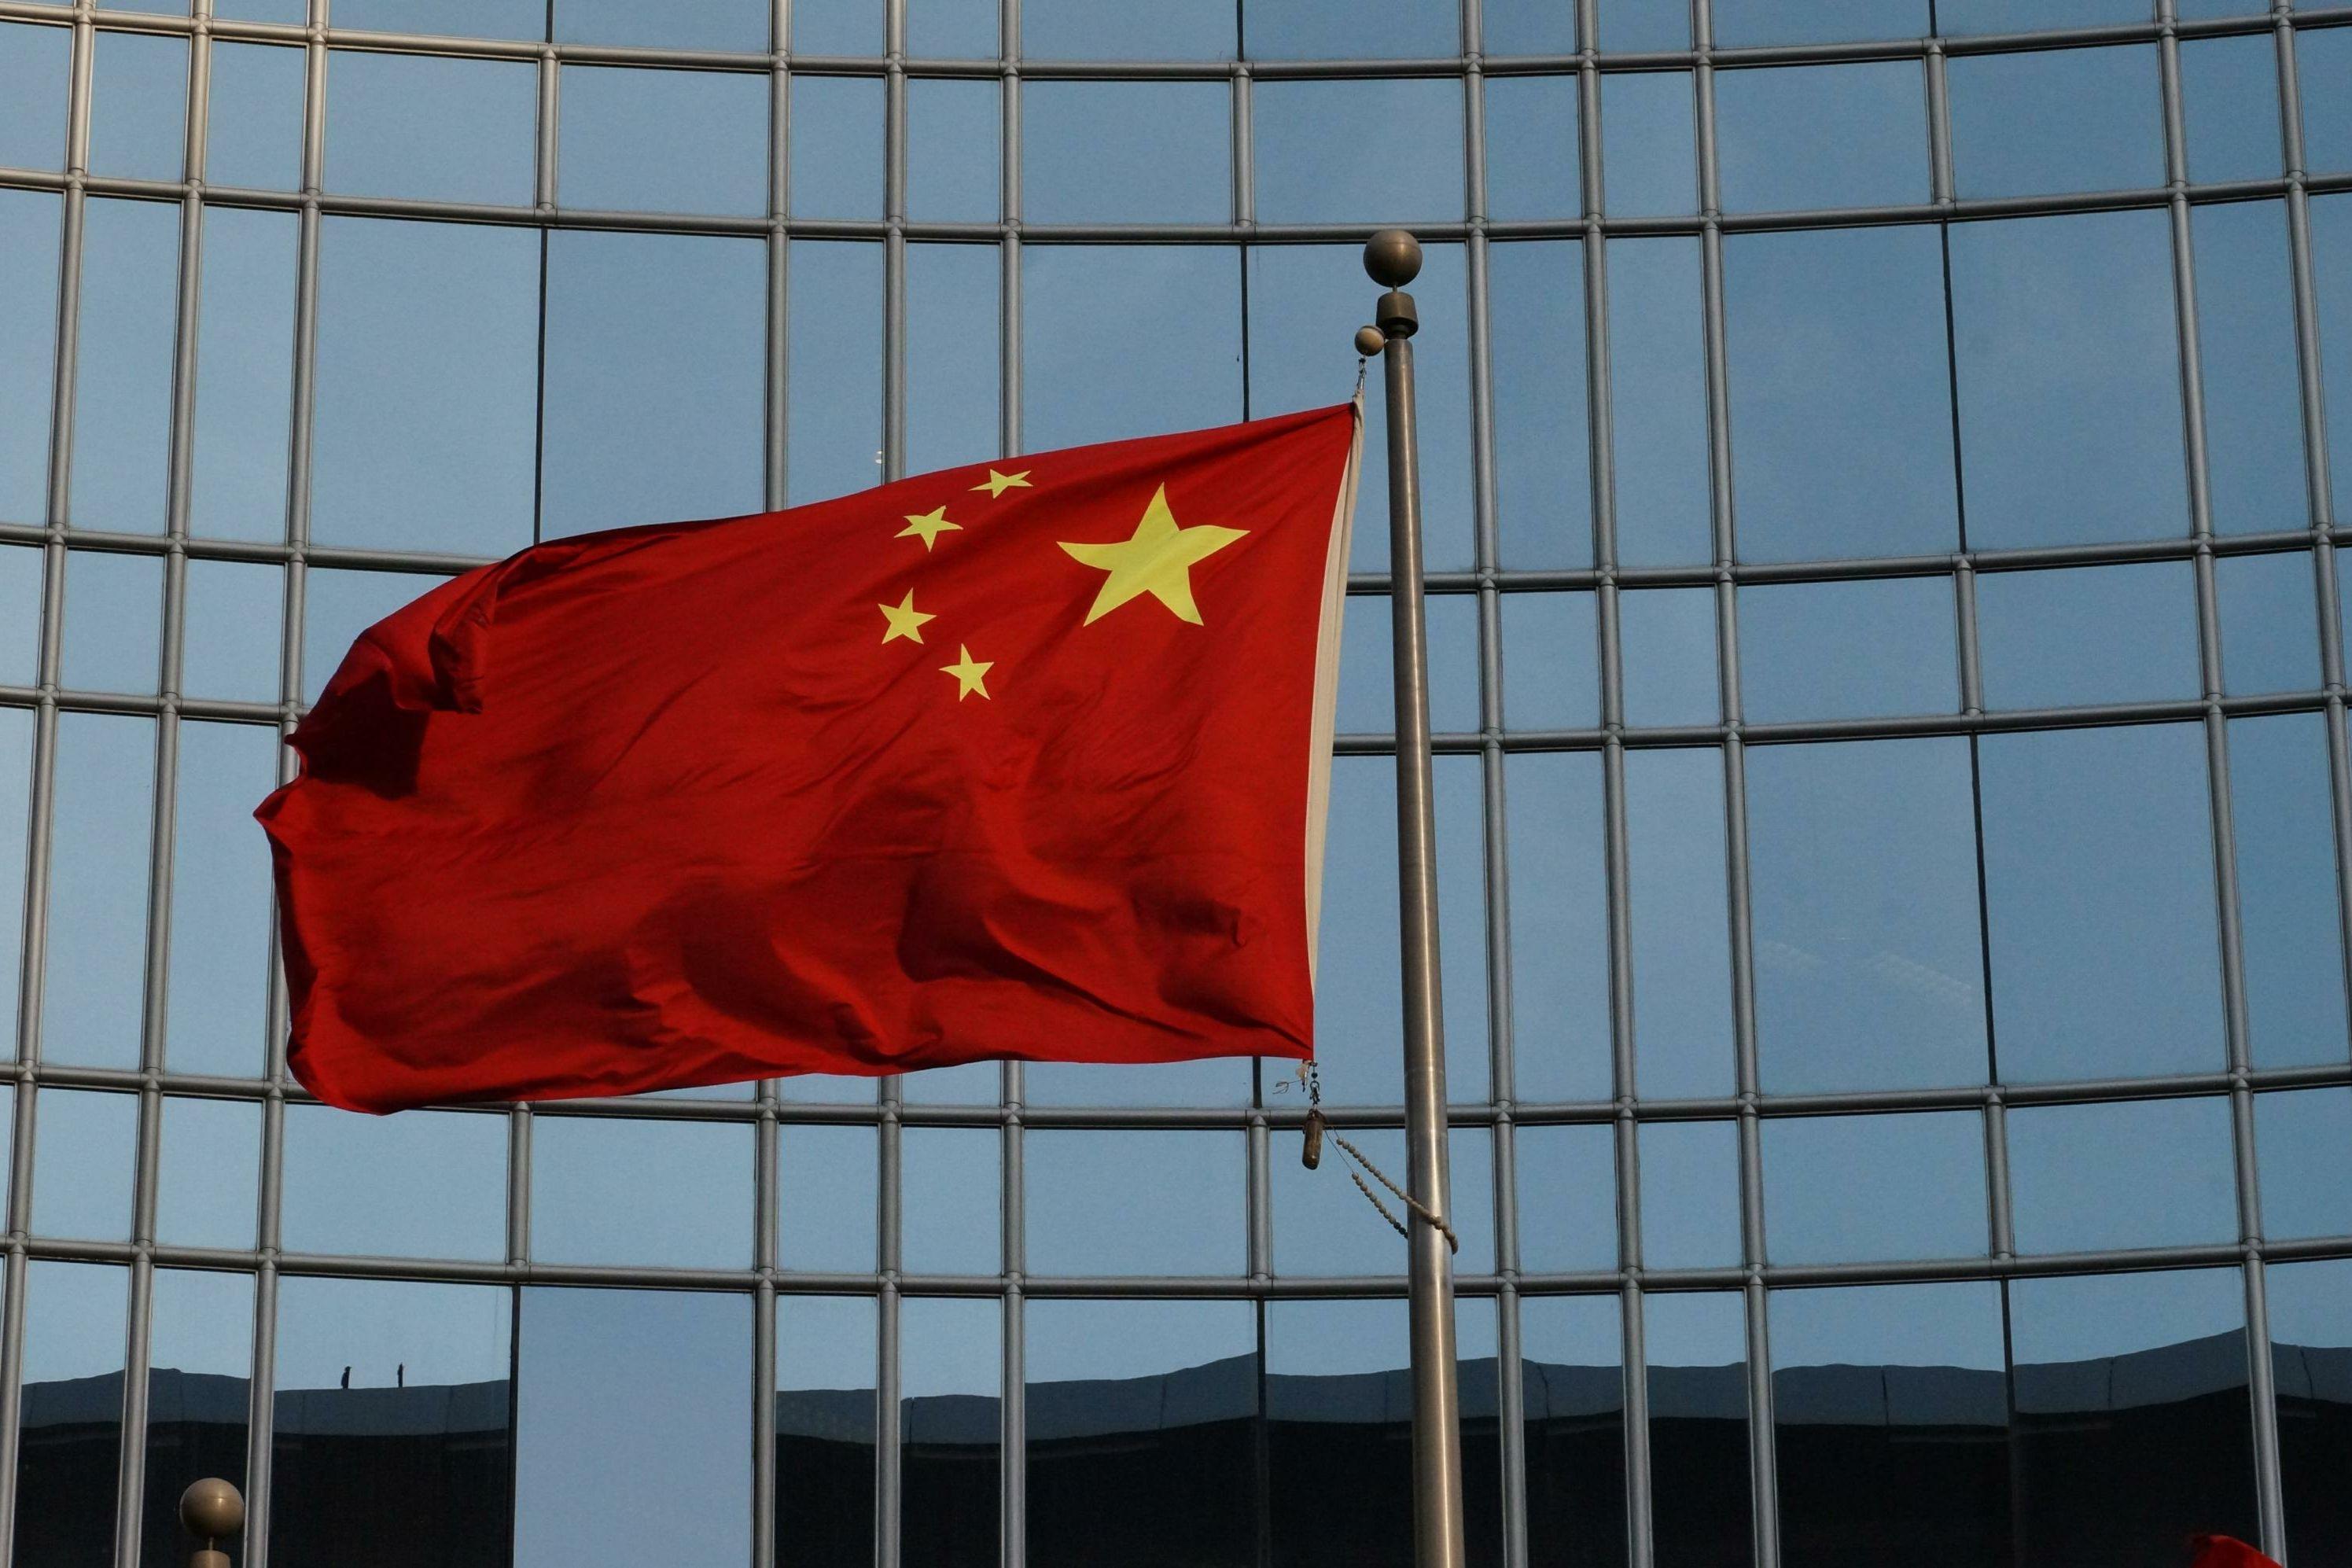 Пекин не примет этап Кубка мира по биатлону сезона 2020/21